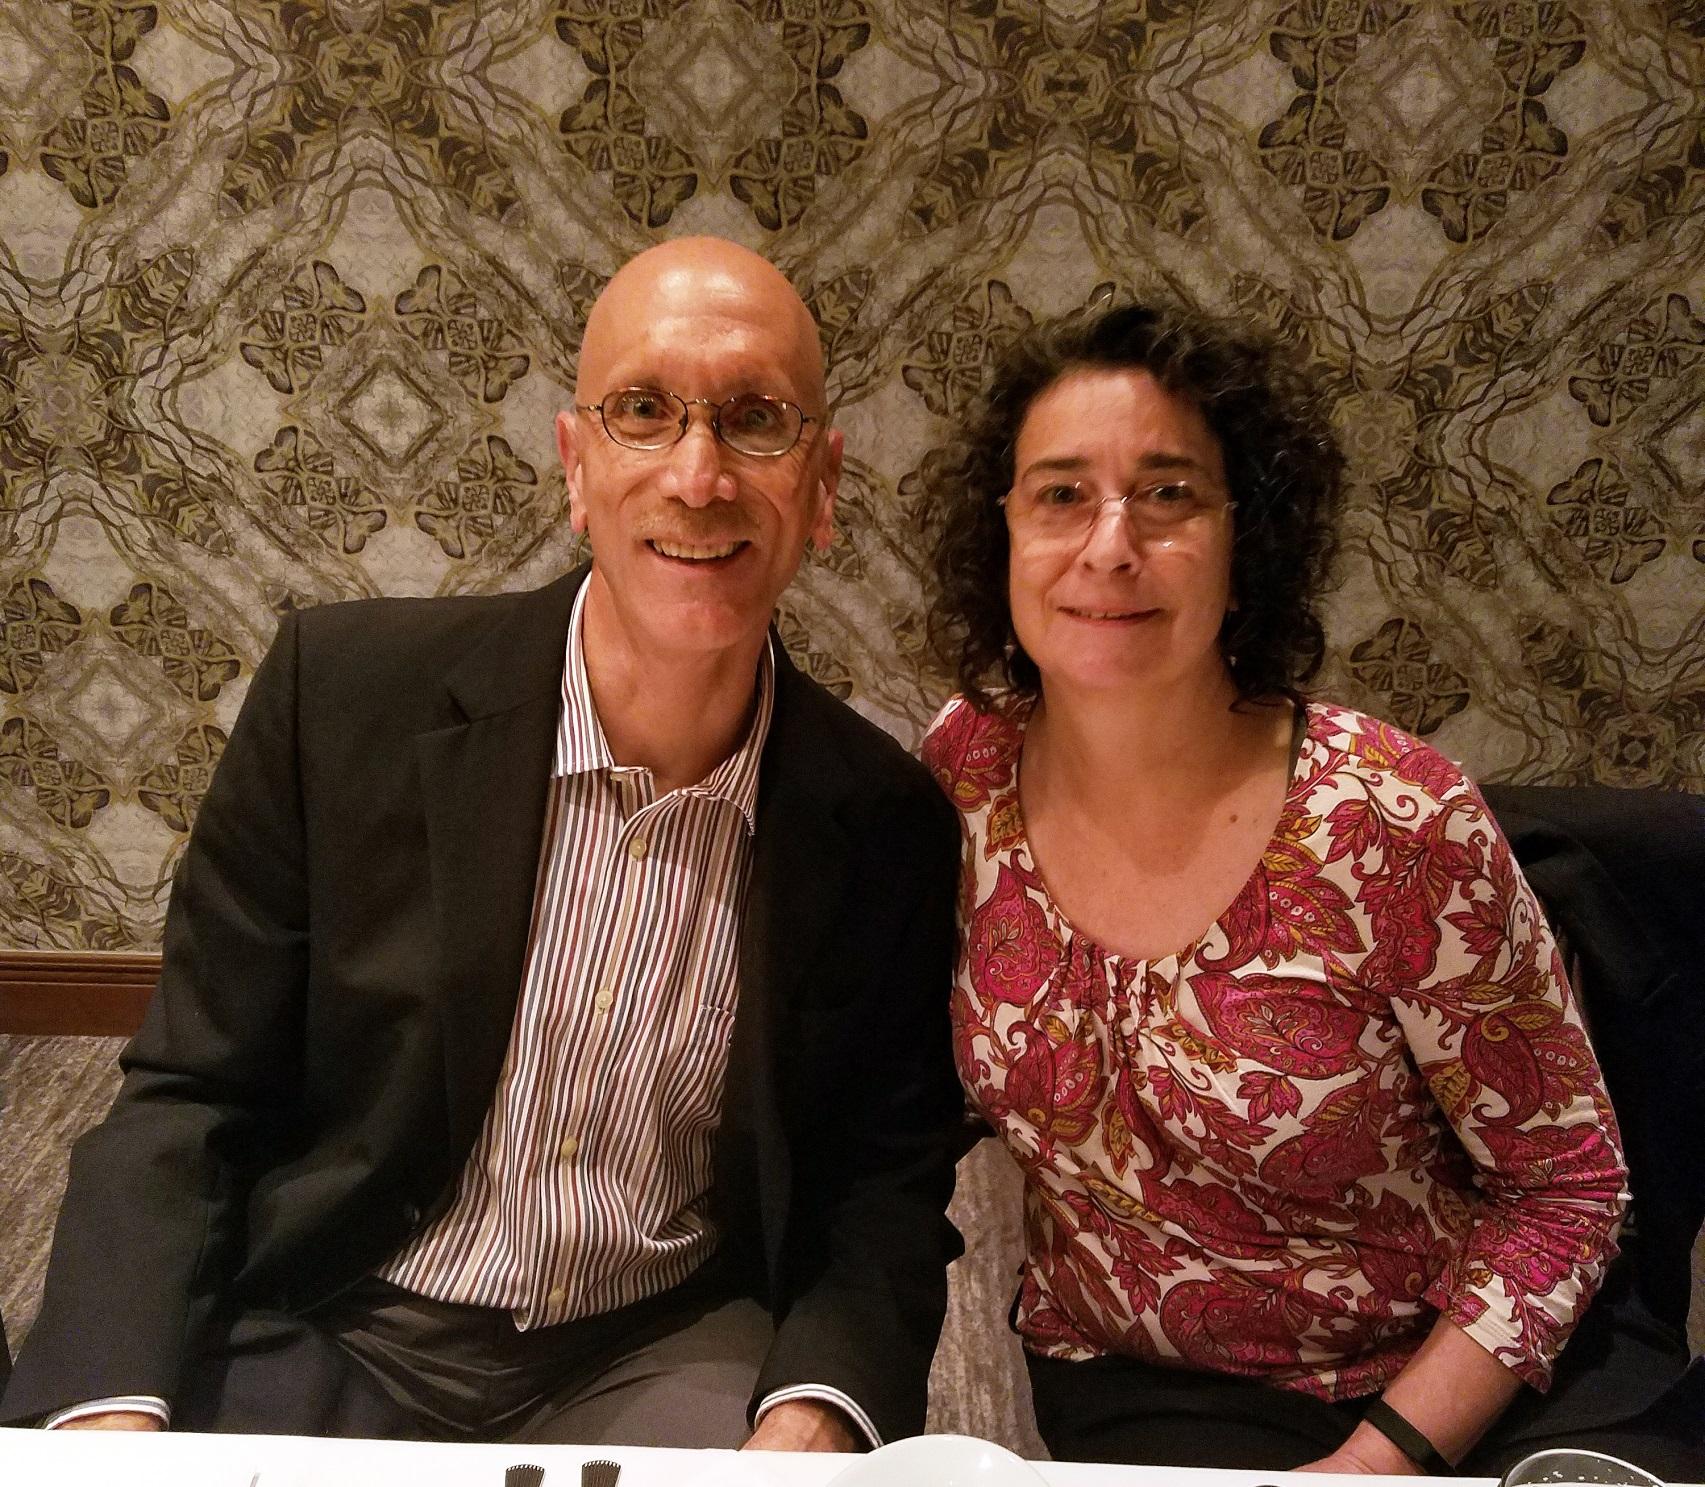 Jodi & Mark Rubin